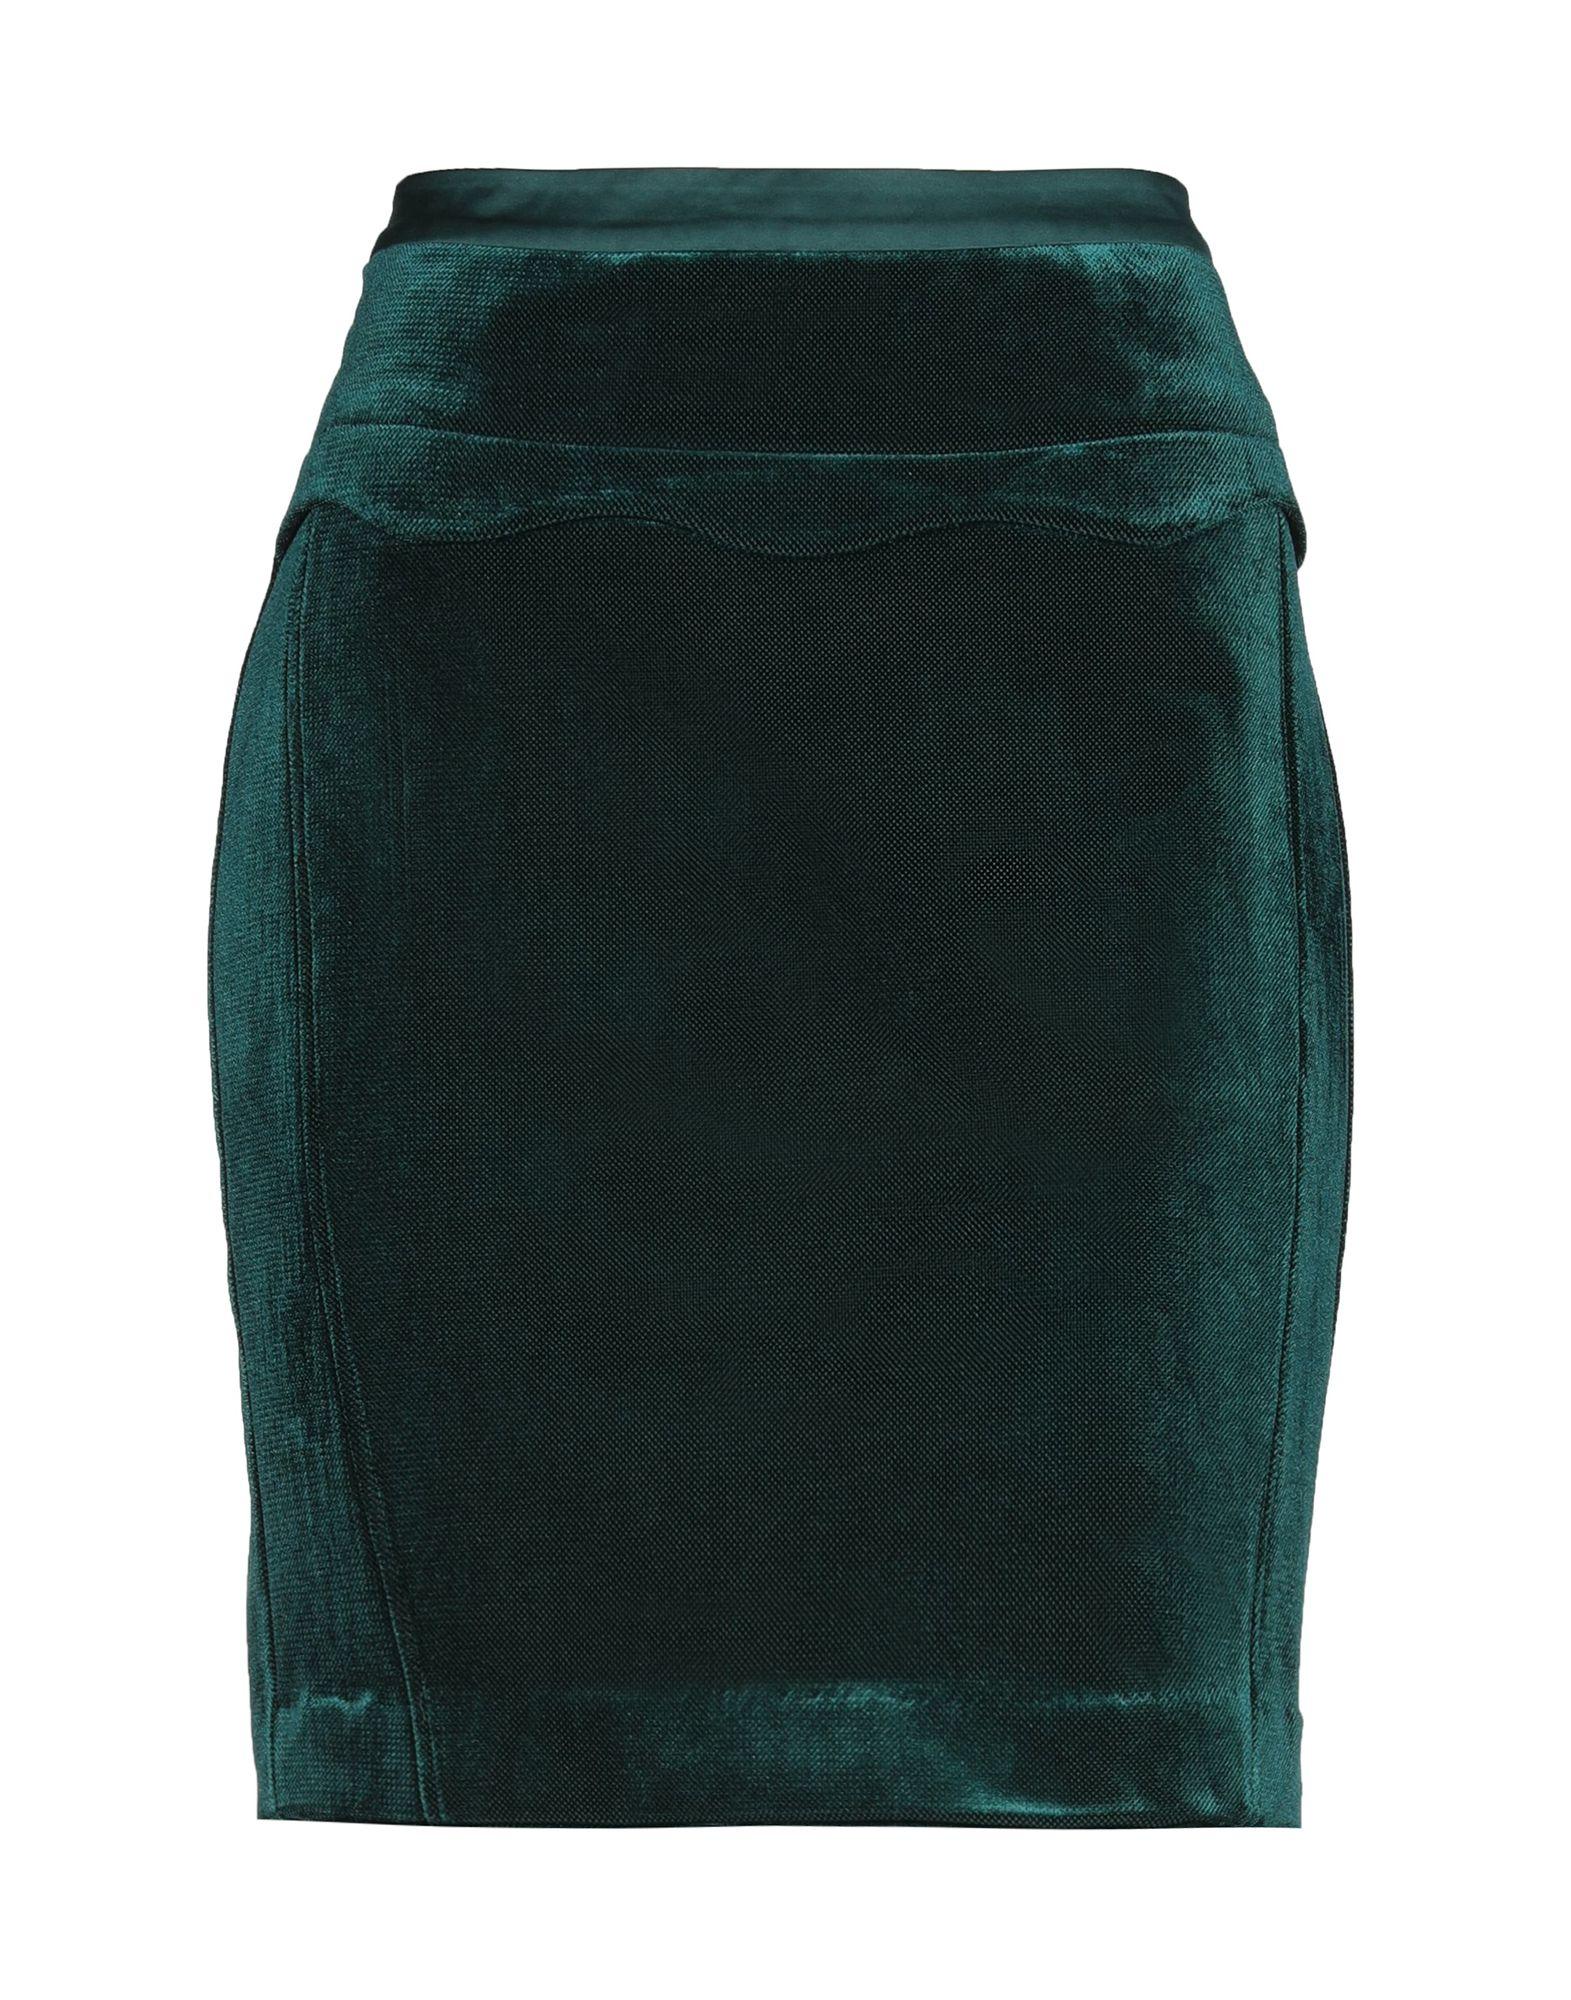 《送料無料》AXEL レディース ひざ丈スカート ダークグリーン M ポリエステル 100%